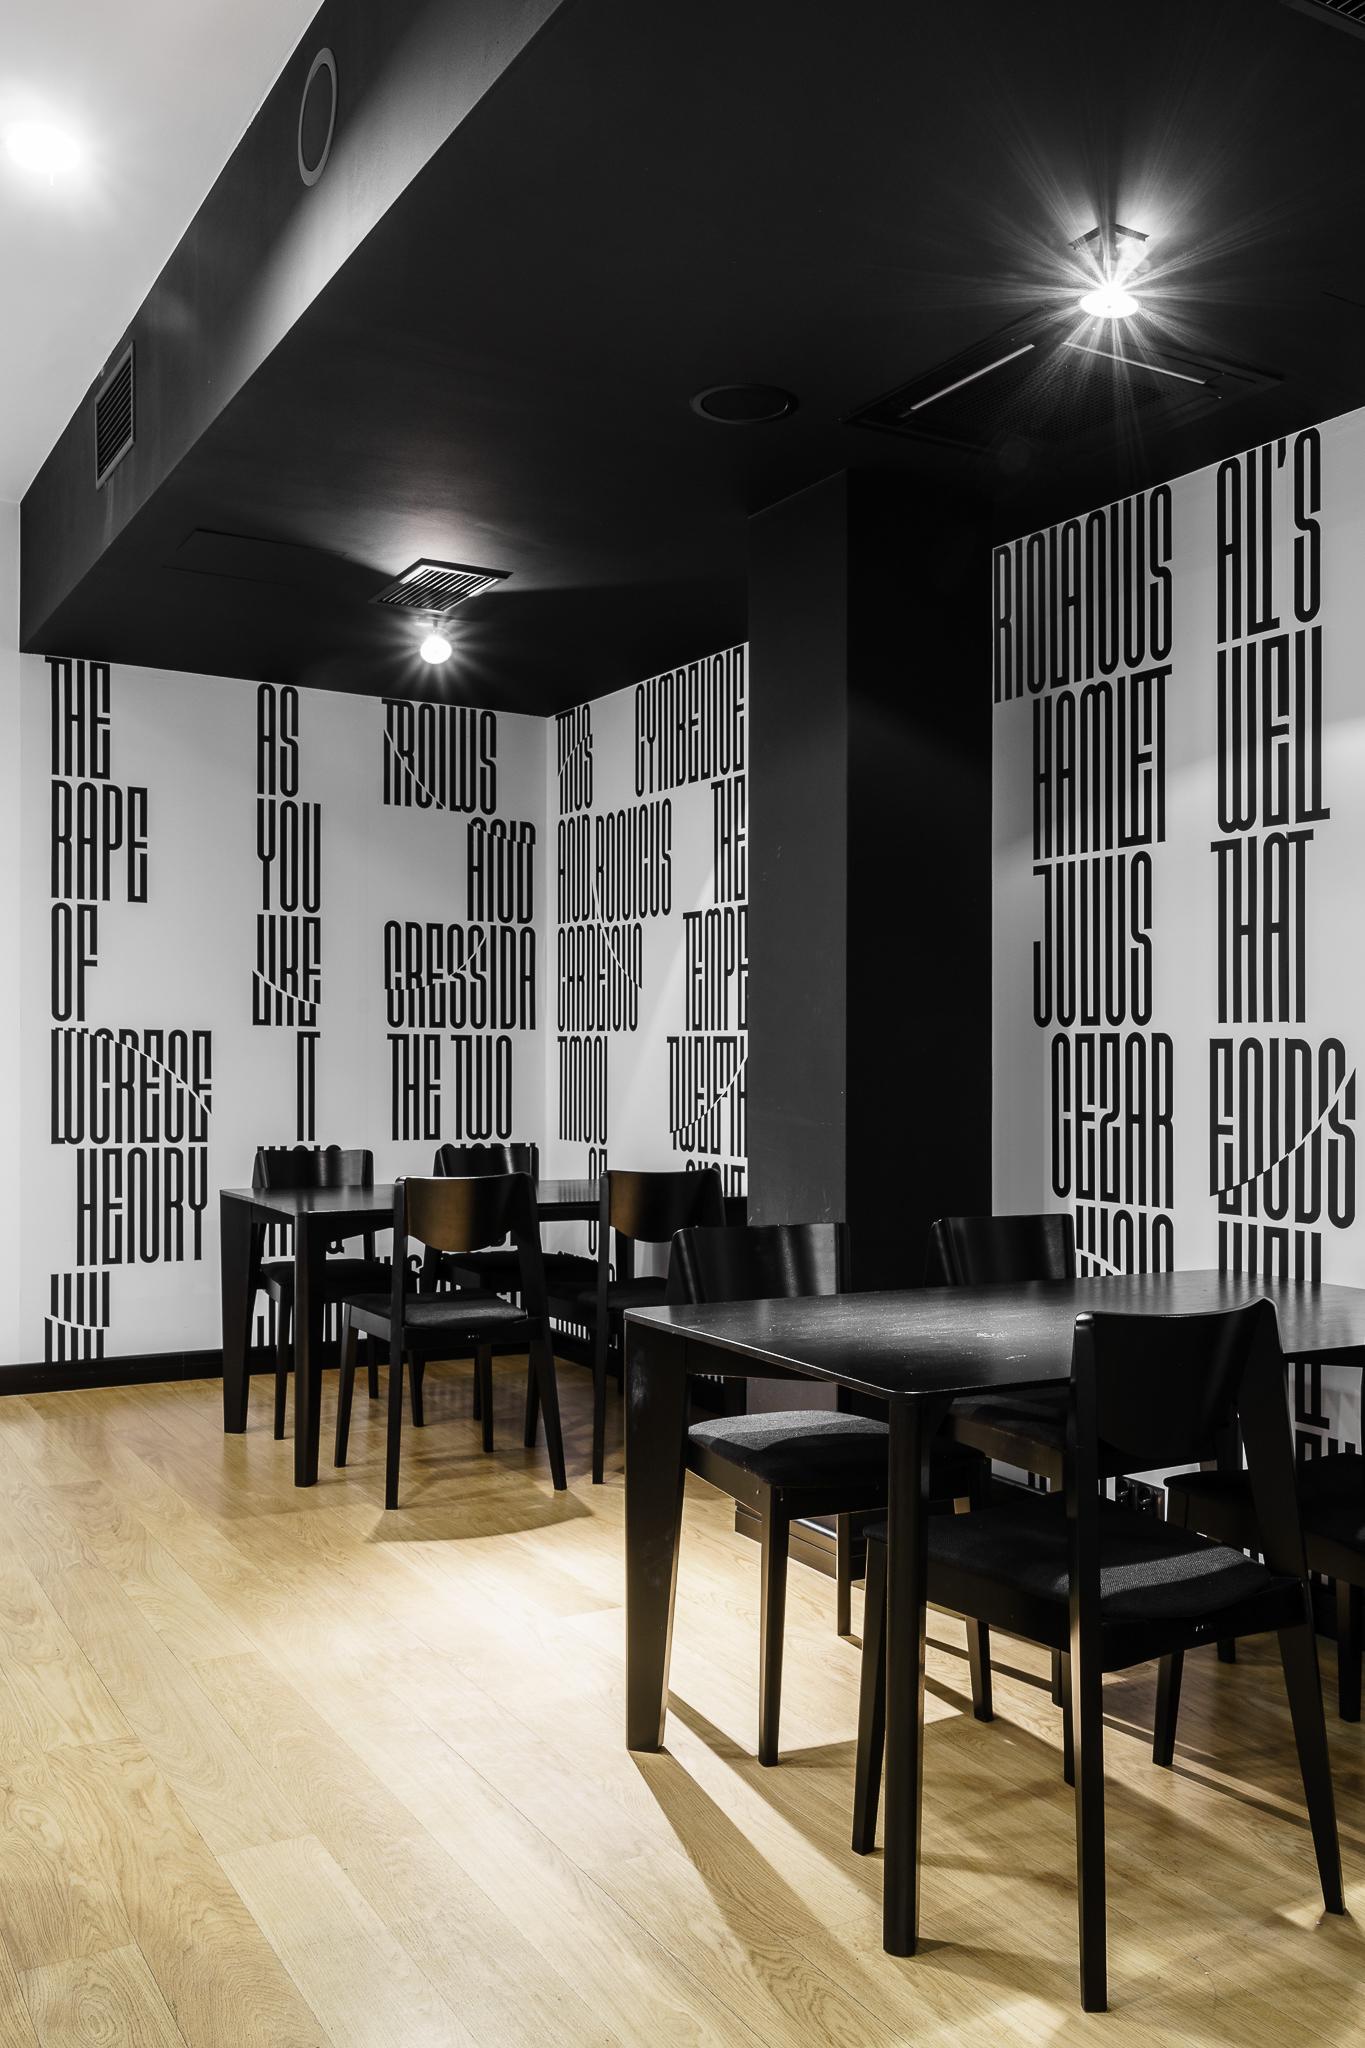 Greenroom - Gdański Teatr Szekspirowski